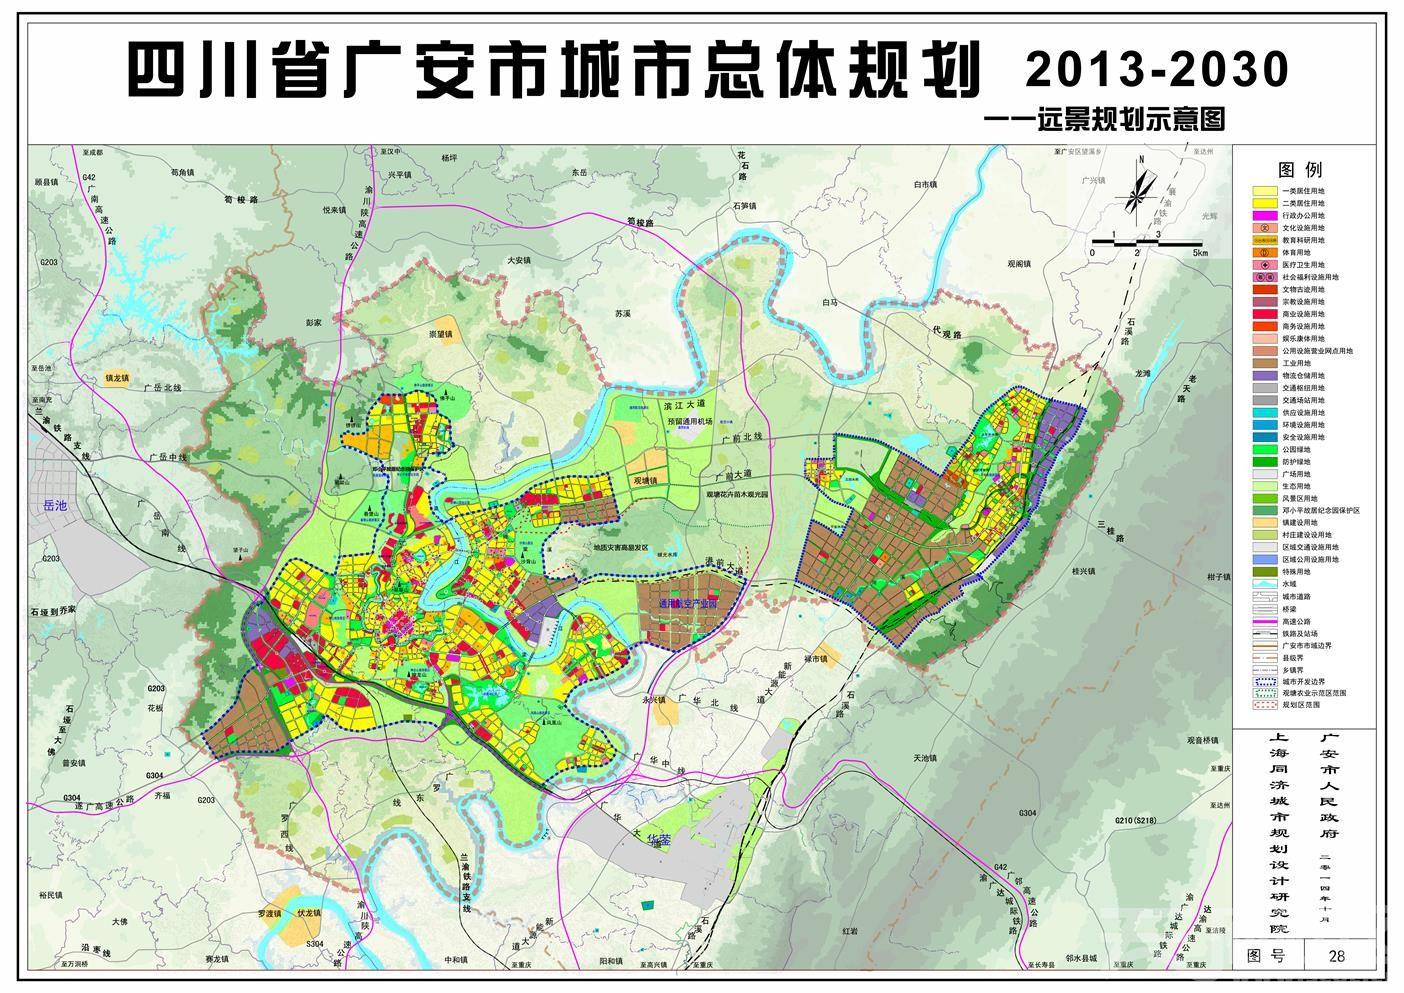 2013-2030.jpg